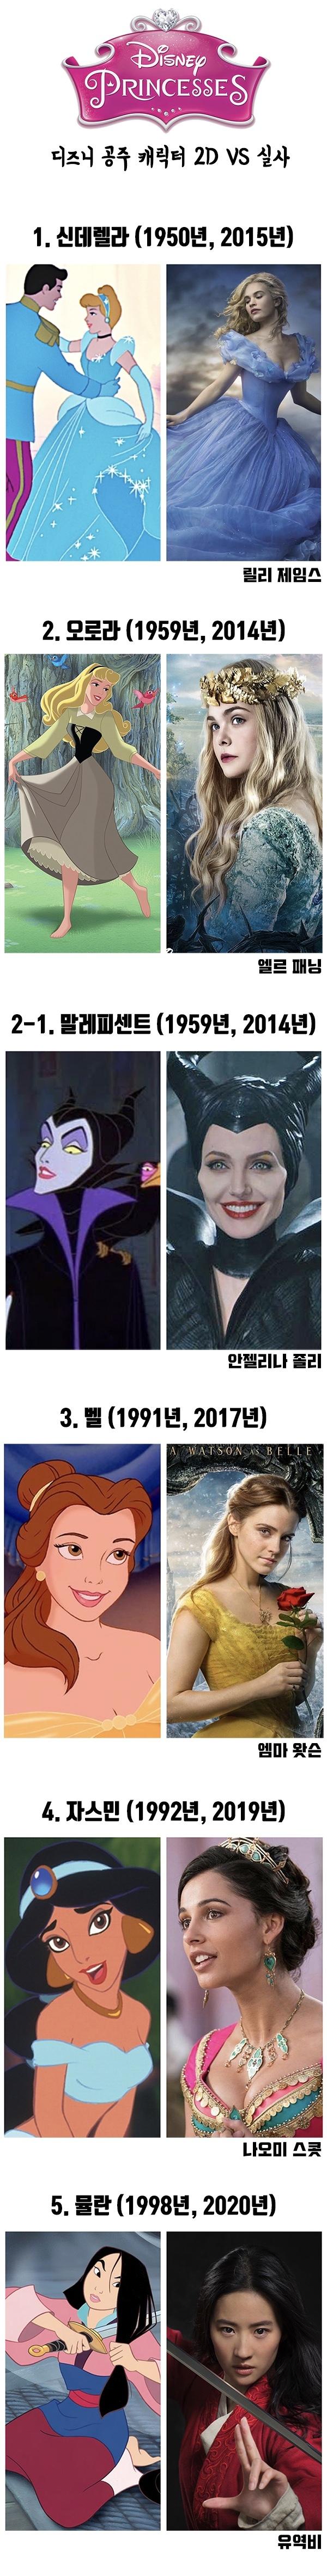 디즈니 공주 캐릭터 실사판 비교 1.jpg